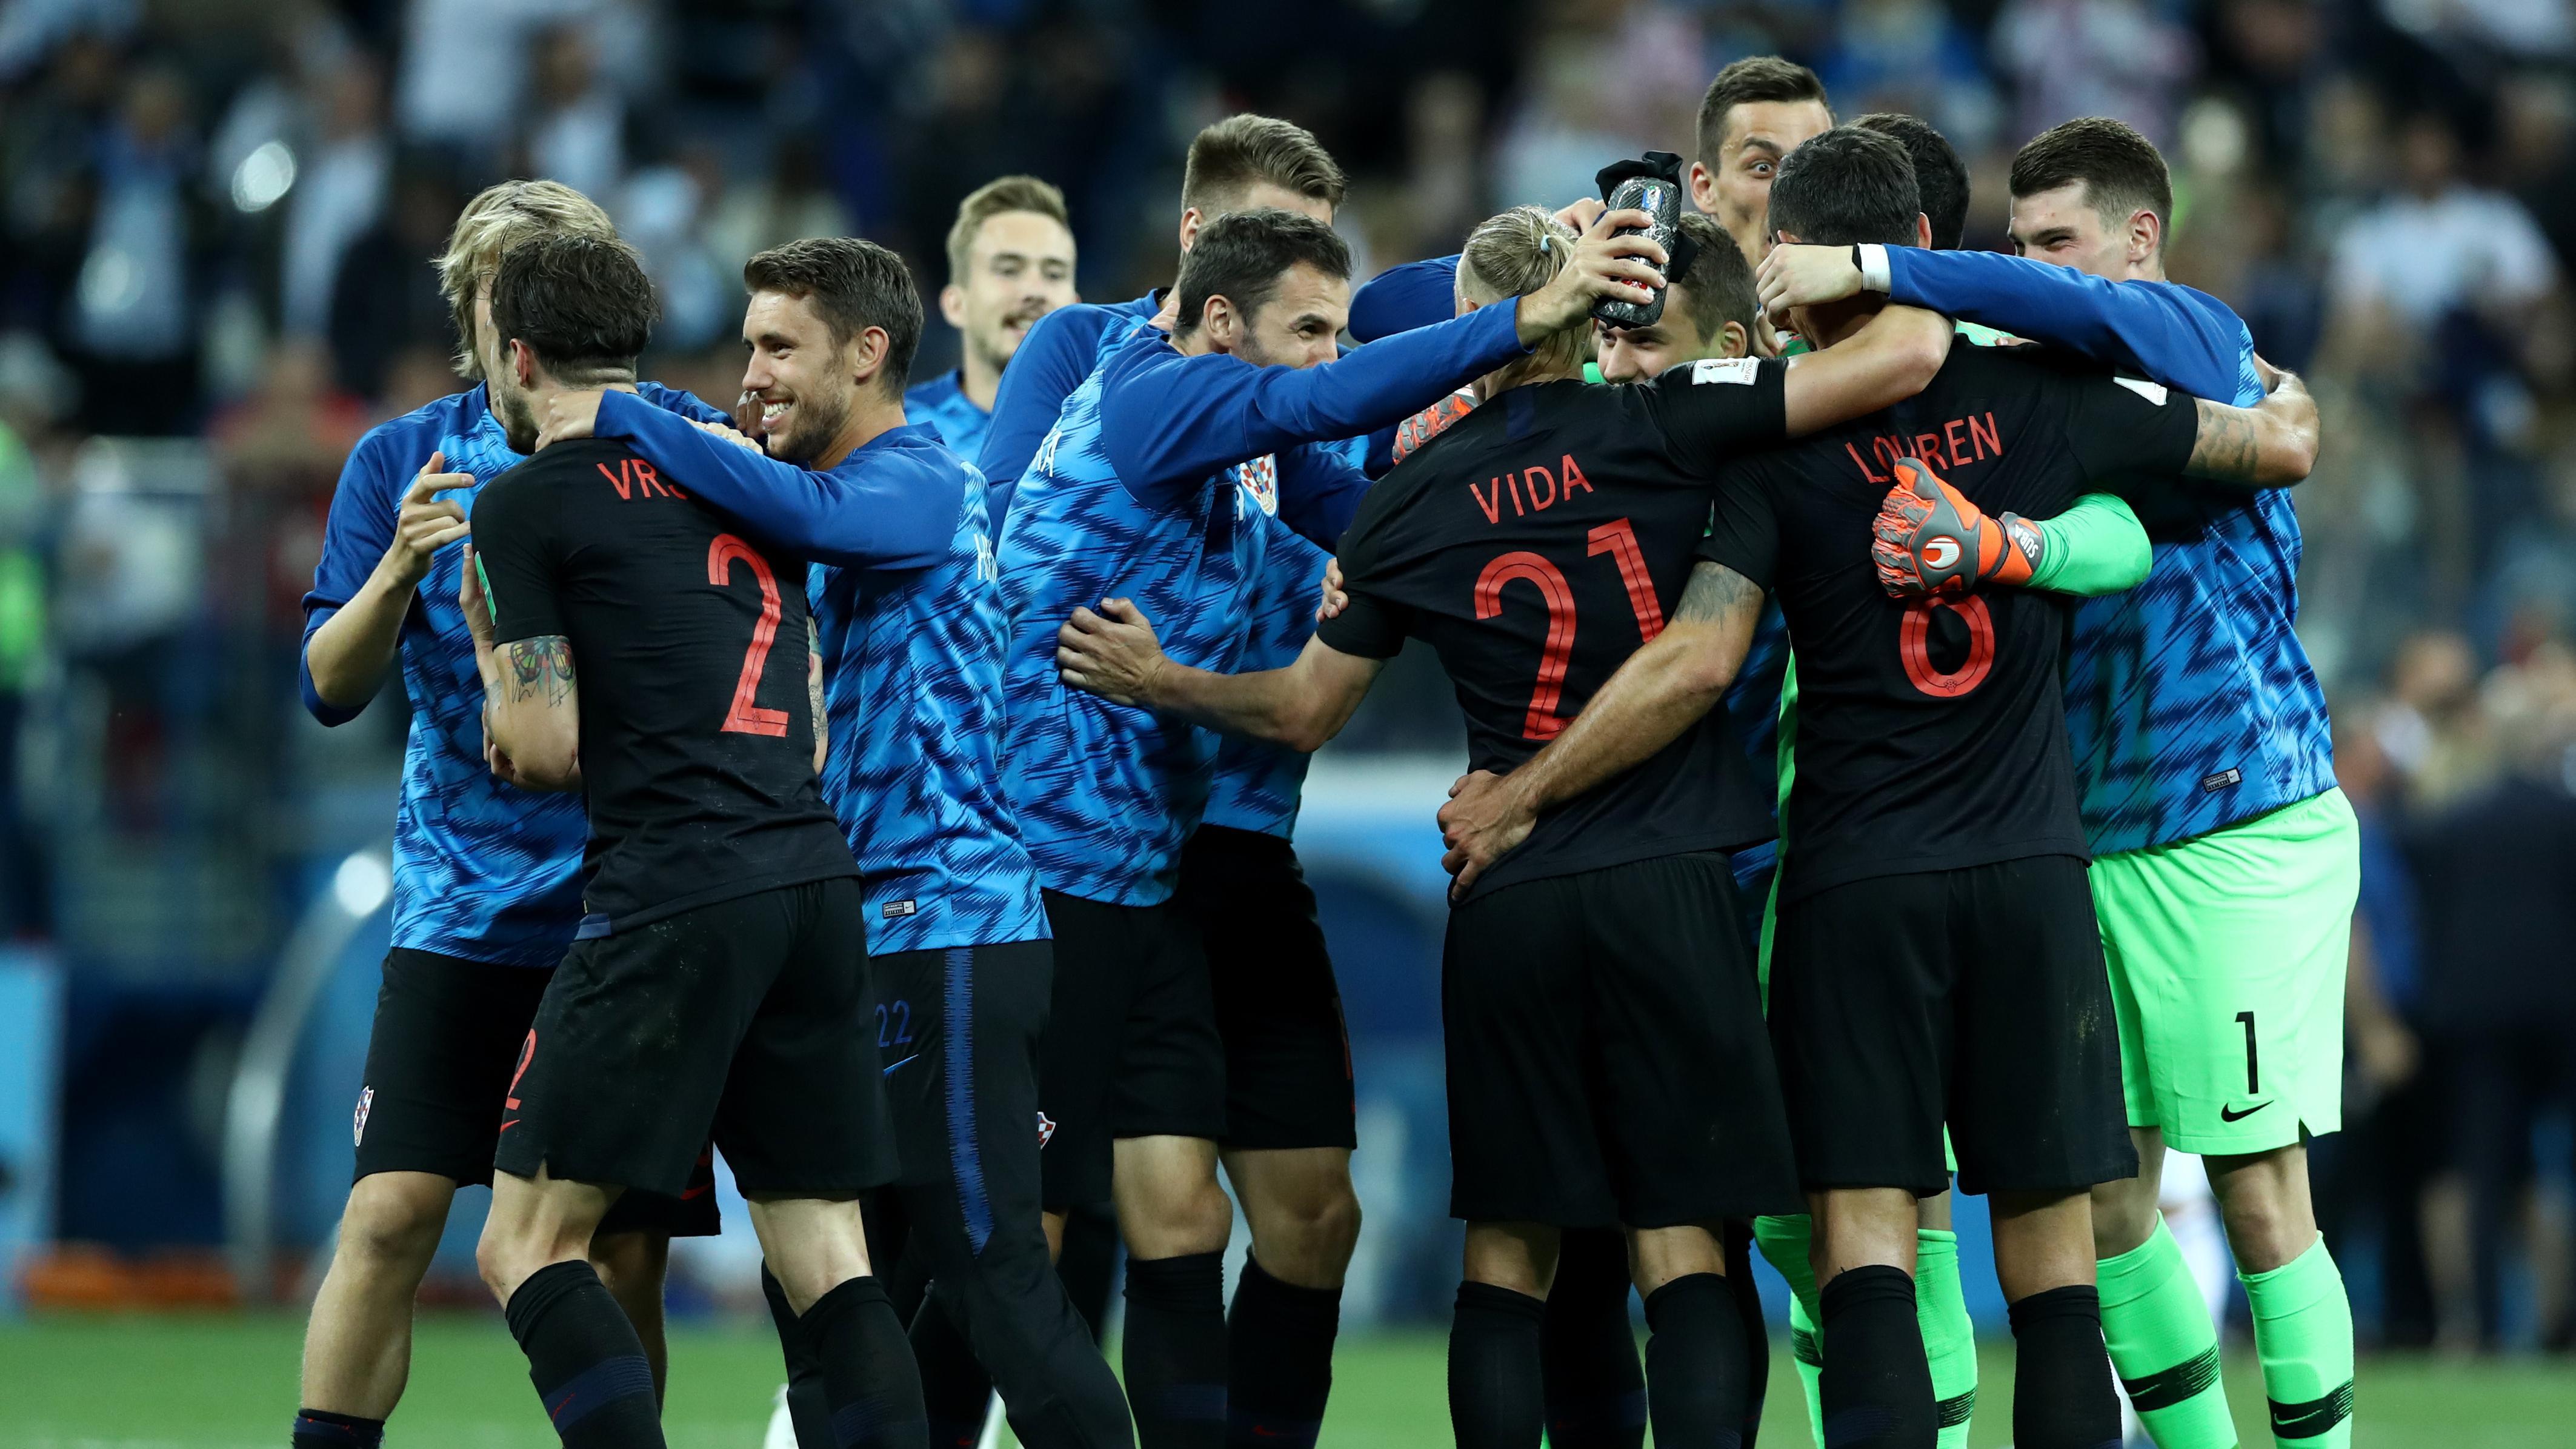 6ee3f3e60 Islandia – Chorwacja: transmisja w TV i online live stream. Gdzie oglądać?  - Mundial 2018